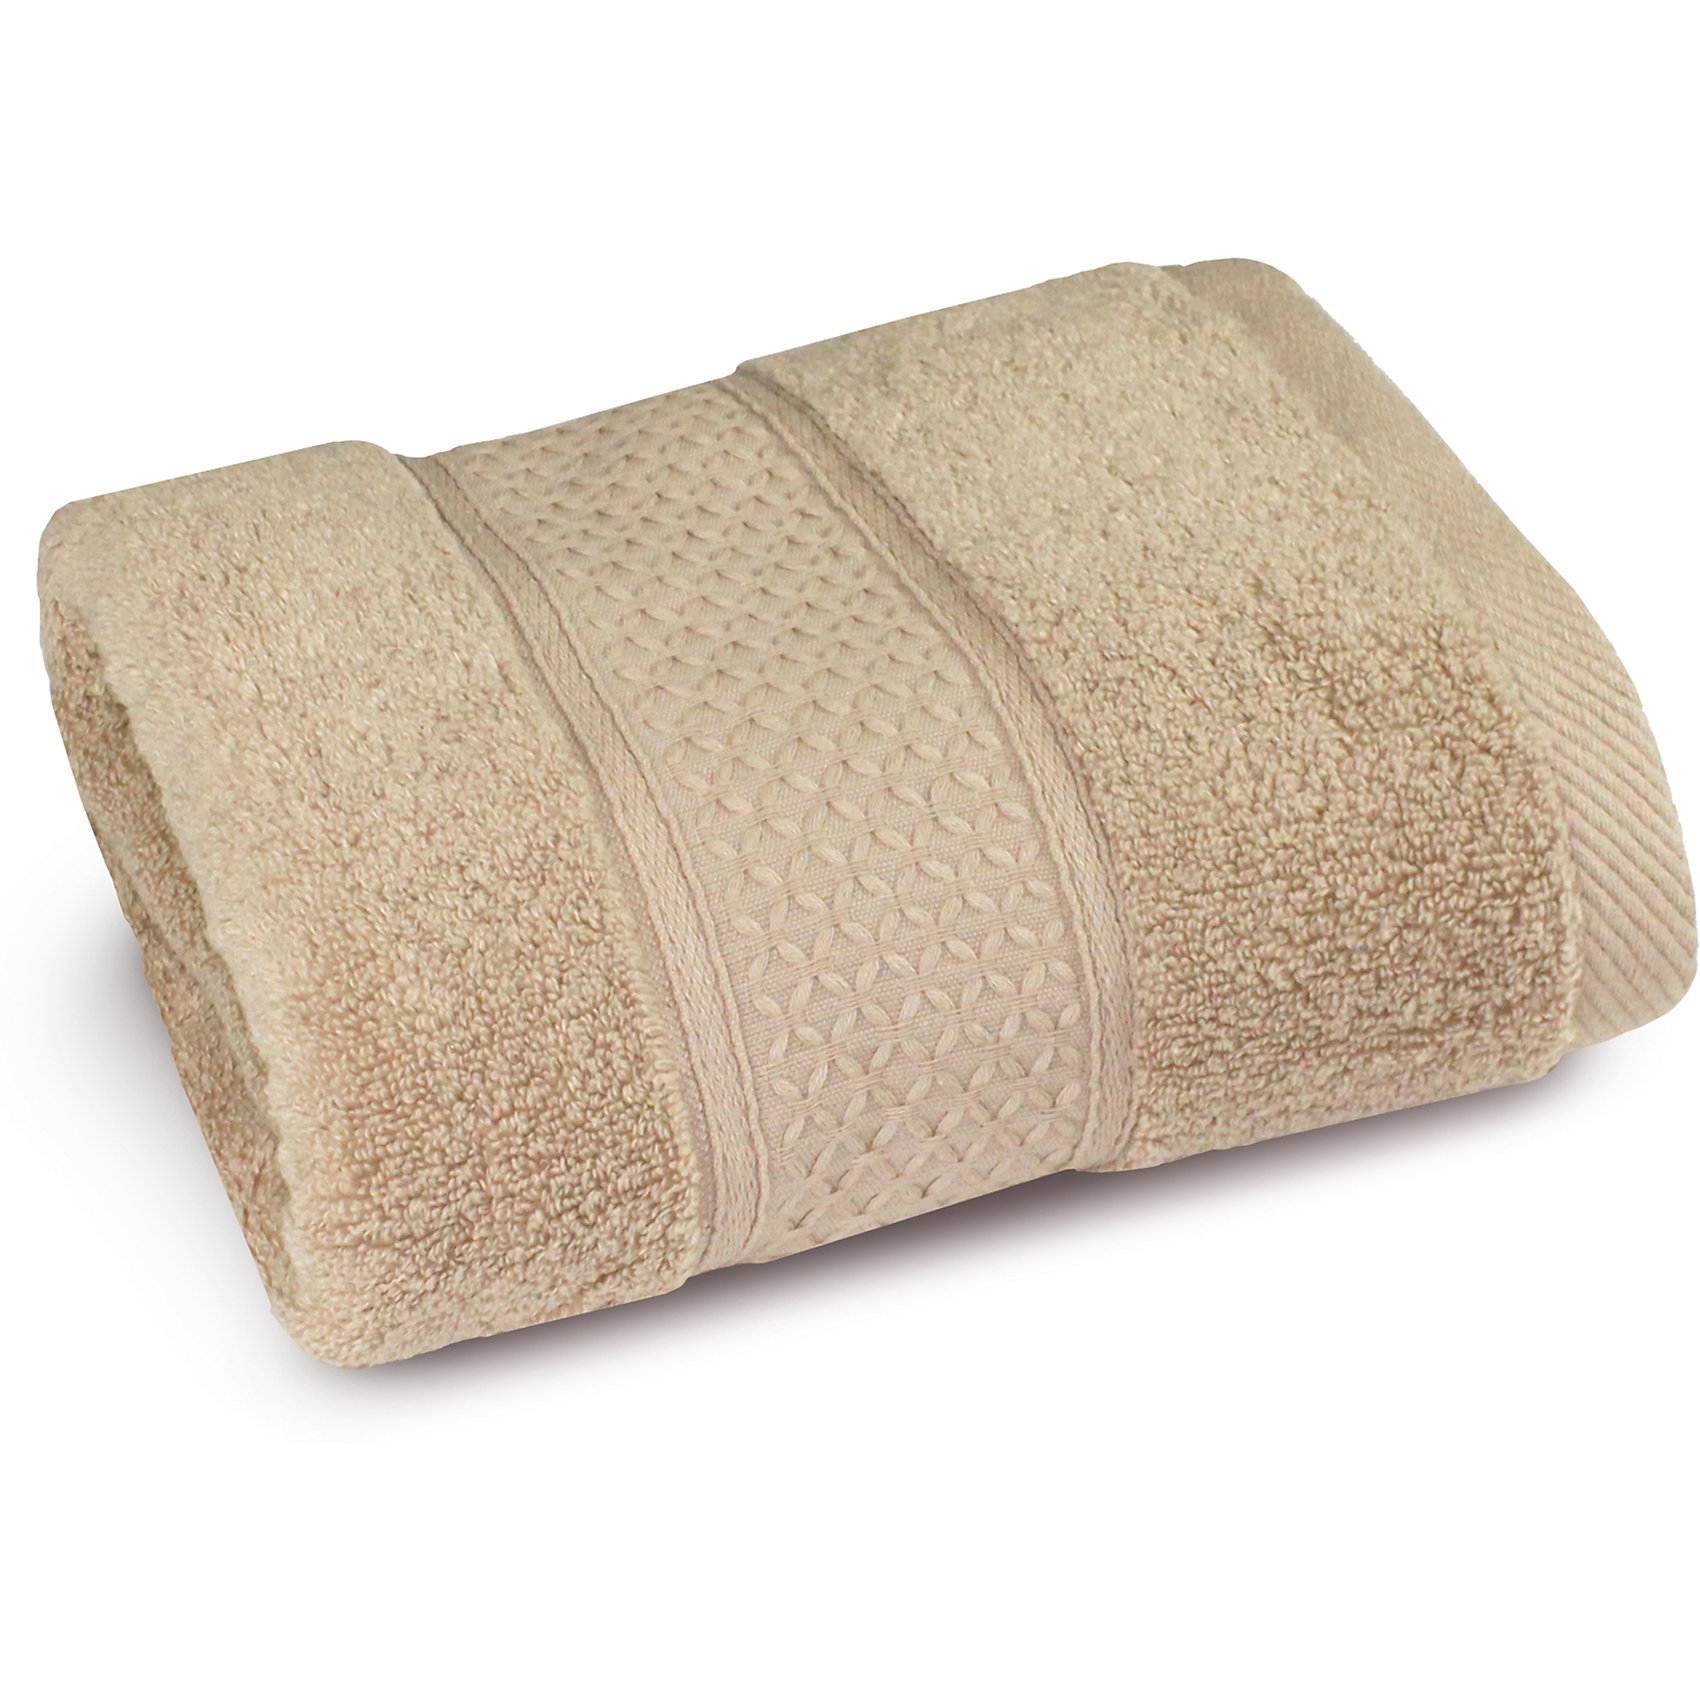 Полотенце махровое 70*140, Cozy Home, бежевыйВанная комната<br>Полотенце махровое 70*140, Cozy Home (Кози Хоум), бежевый<br><br>Характеристики:<br><br>• мягкое полотенце, приятное на ощупь<br>• хорошо впитывает влагу<br>• легко стирать<br>• материал: хлопок<br>• размер: 70х140 см<br>• цвет: белый<br><br>Банное полотенце от Cozy Home - прекрасный выбор для ценителей комфорта и качества. Полотенца выполнено из мягких хлопковых волокон, не вызывающих раздражения на коже. Полотенце отлично подойдет как детям, так и взрослым. После длительного использования полотенце не поменяет свой размер и цвет. Главное отличие полотенец из хлопка - хорошая гигроскопичность. Изделие быстро впитает влагу, даря мягкость и уют. Край полотенца декорирован приятной вышивкой в тон основному цвету.<br><br>Полотенце махровое 70*140, Cozy Home (Кози Хоум), бежевый можно купить в нашем интернет-магазине.<br><br>Ширина мм: 150<br>Глубина мм: 350<br>Высота мм: 150<br>Вес г: 350<br>Возраст от месяцев: 0<br>Возраст до месяцев: 216<br>Пол: Унисекс<br>Возраст: Детский<br>SKU: 5355315